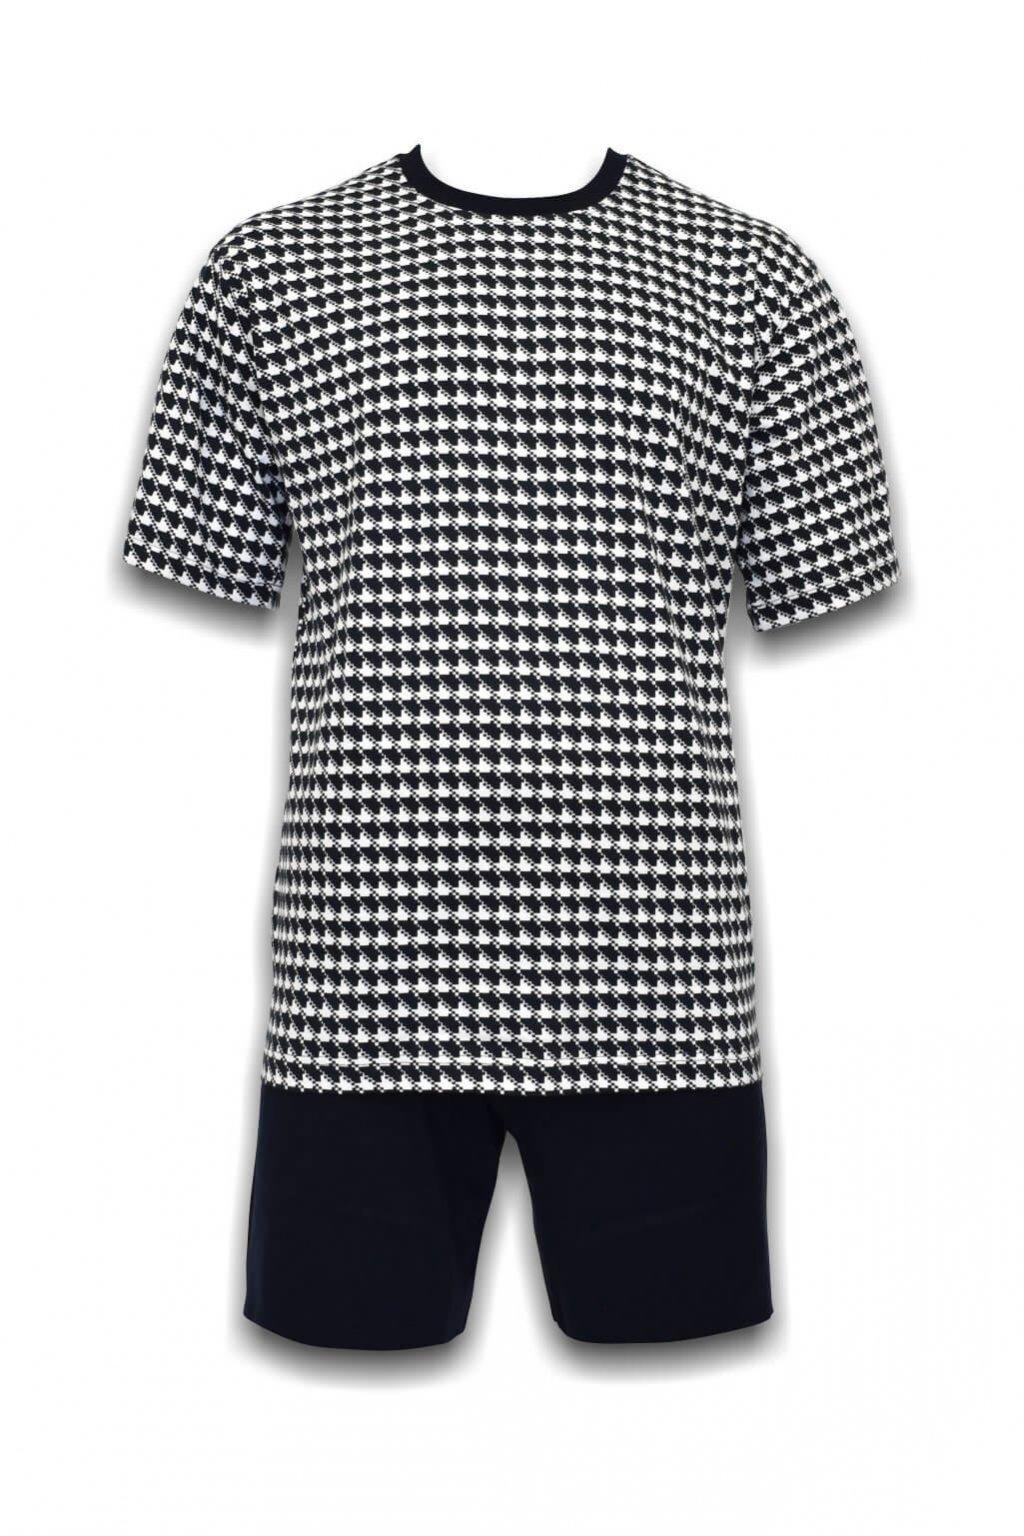 pánske-pohodlné-pyžamo-favab.sk.jpg